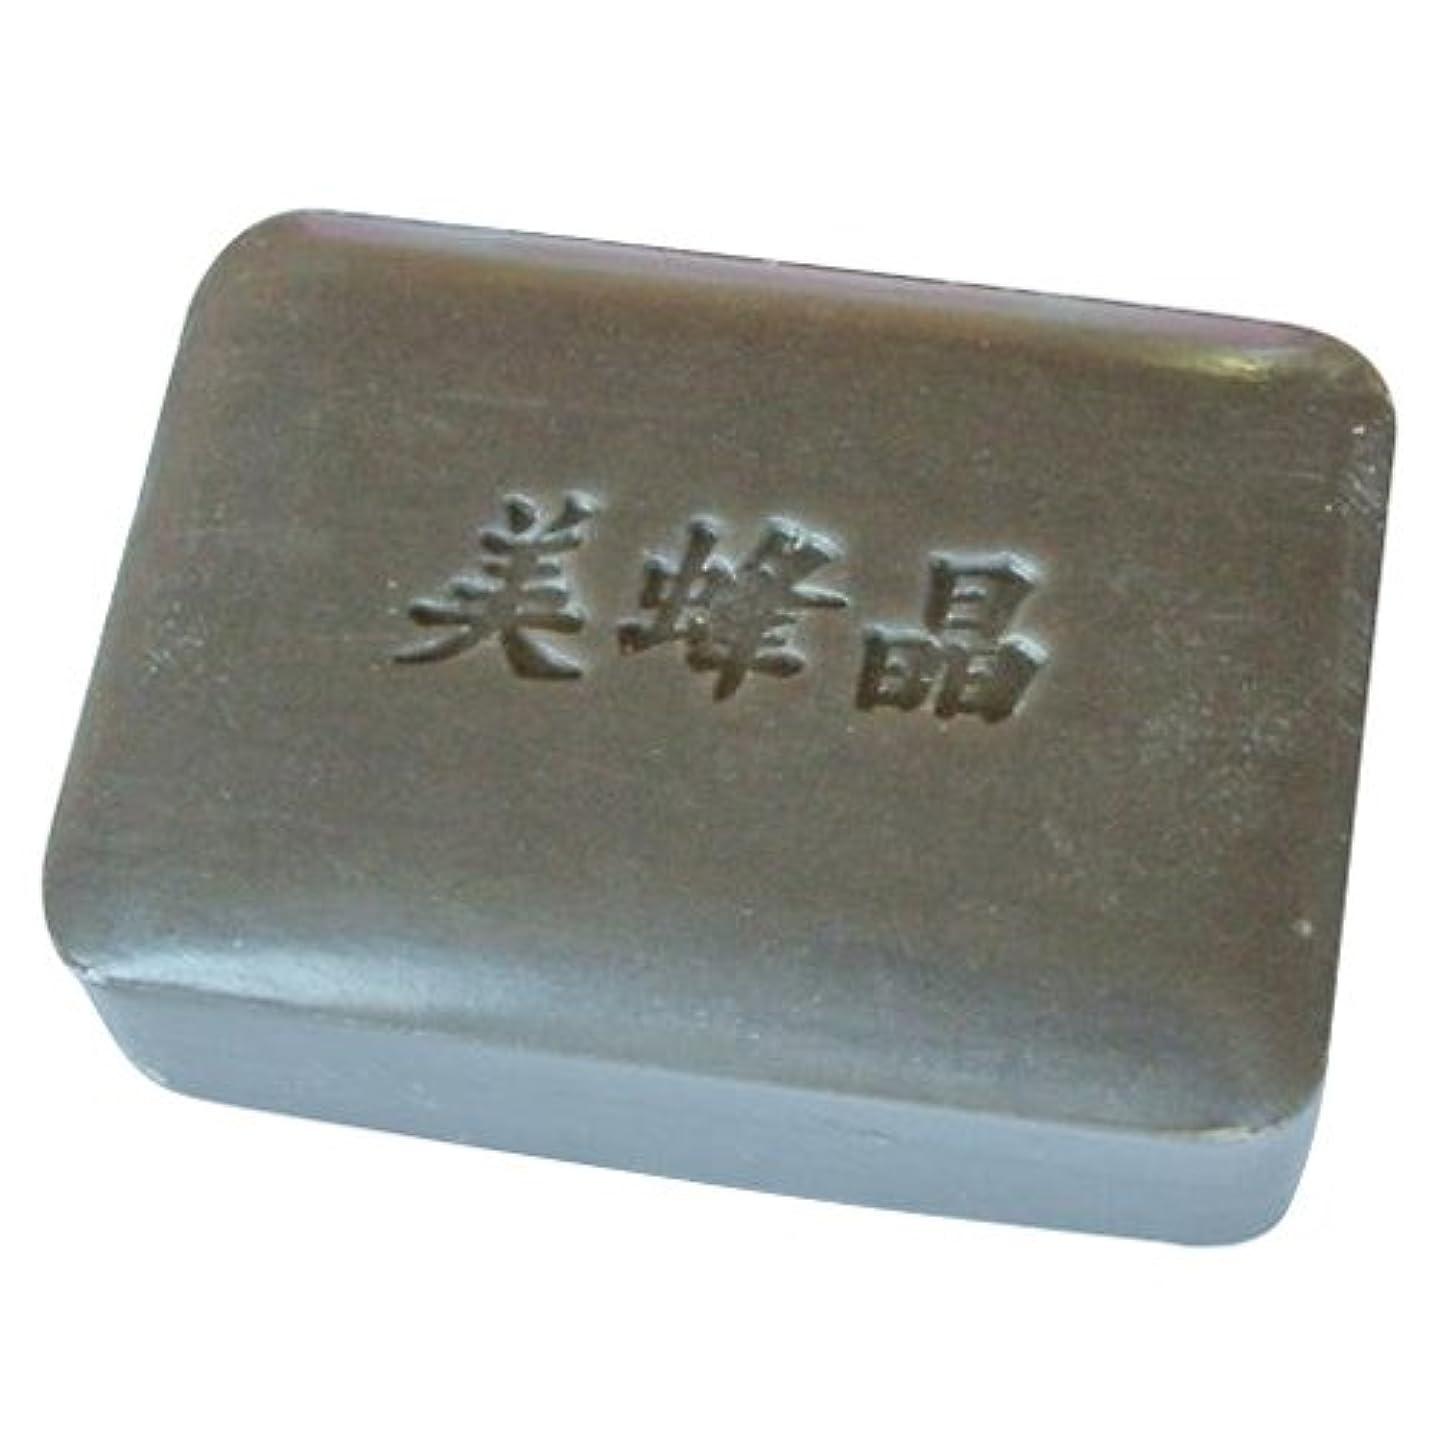 スモッグミスペンドカタログ鈴木養蜂場 プロポリス石鹸 美蜂晶100g 2個セット